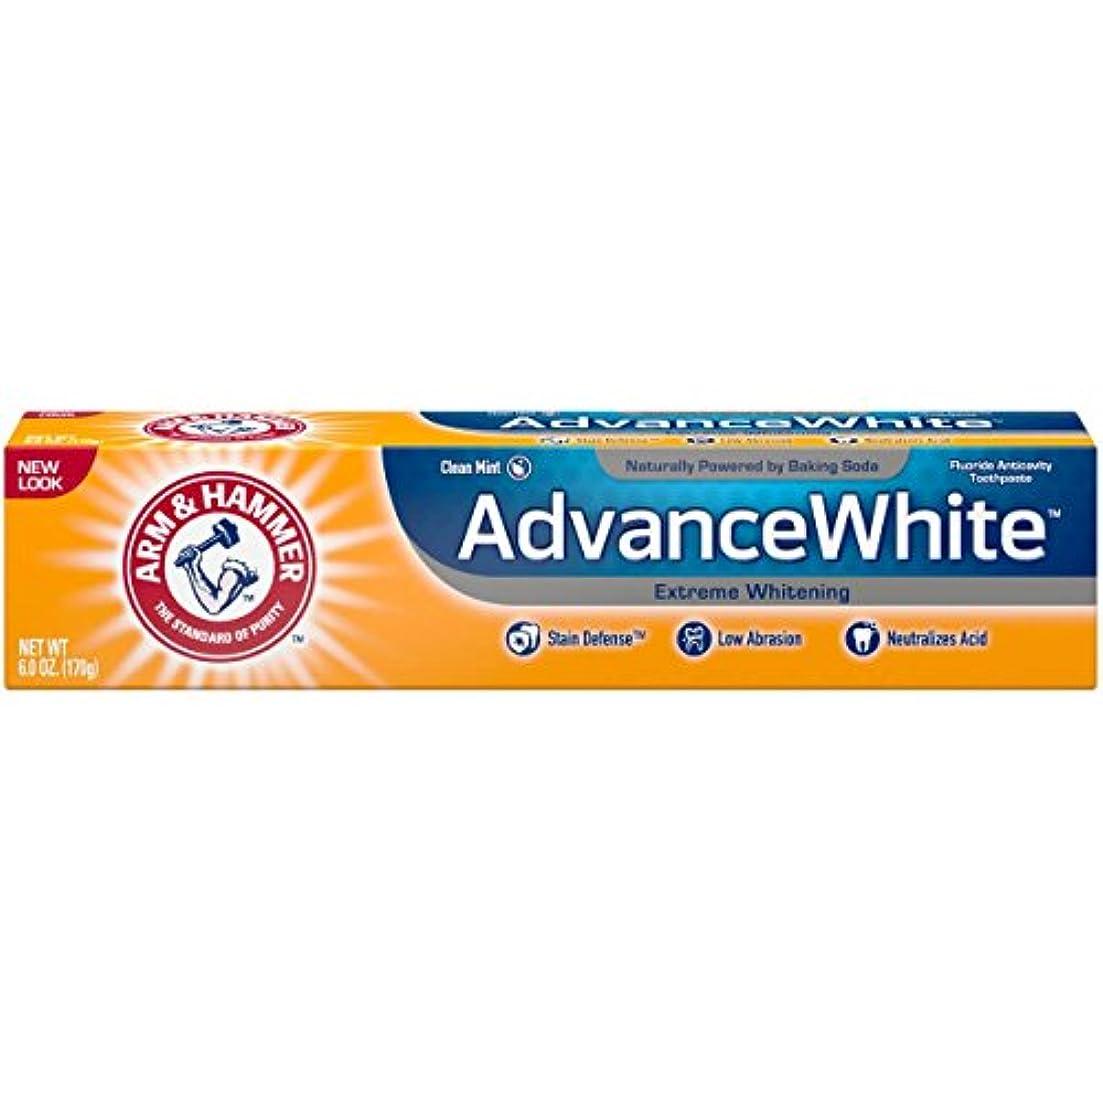 バウンドブッシュ平和的Arm & Hammer アドバンスホワイトエクストリームホワイトニングで染色防衛の歯磨き粉、6オズ(3パック) 3パック